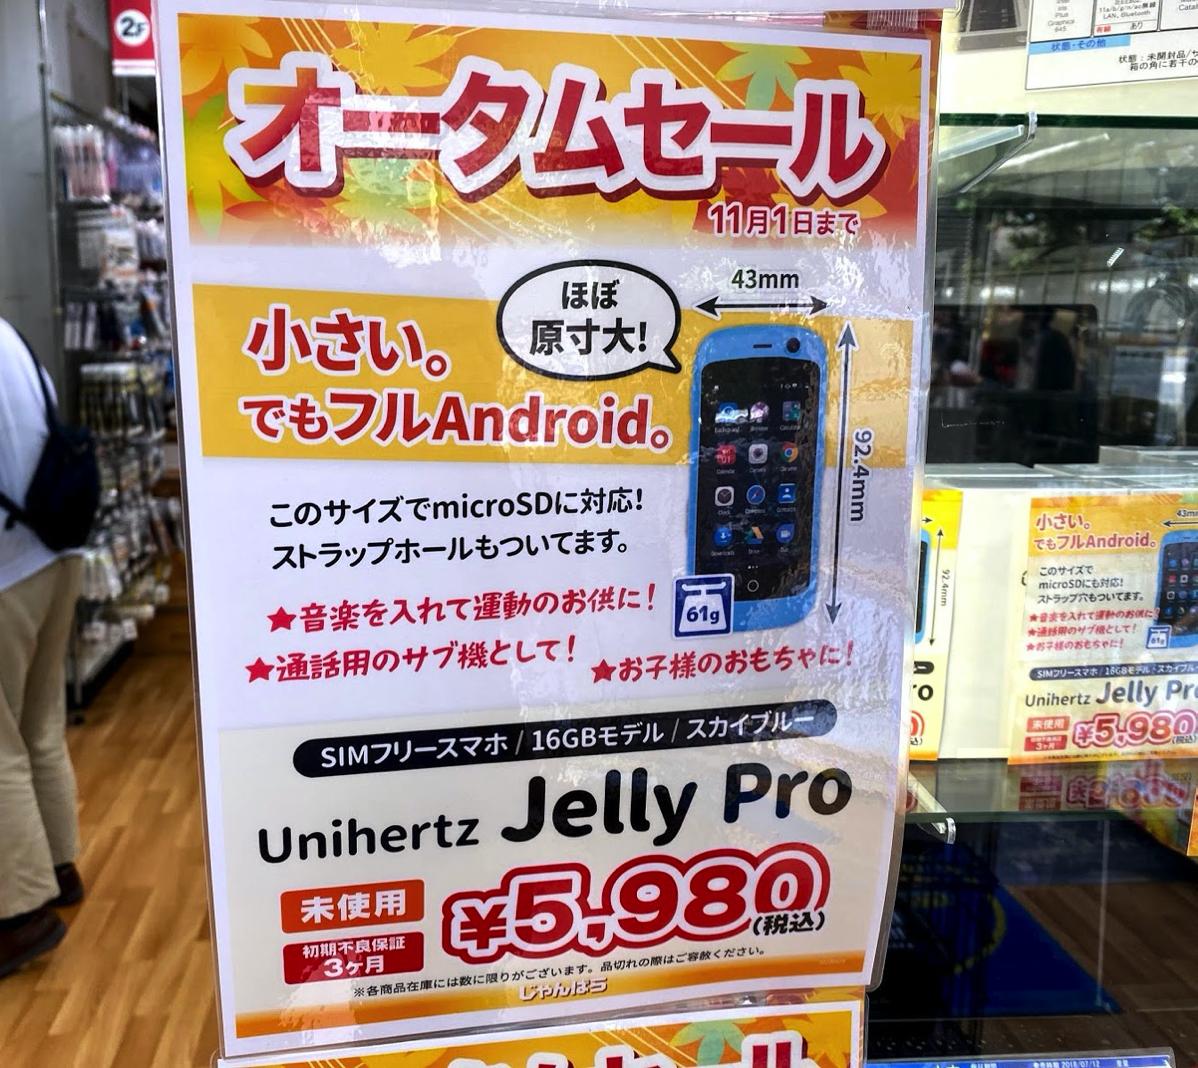 「じゃんぱら」でJelly Proが5,980円